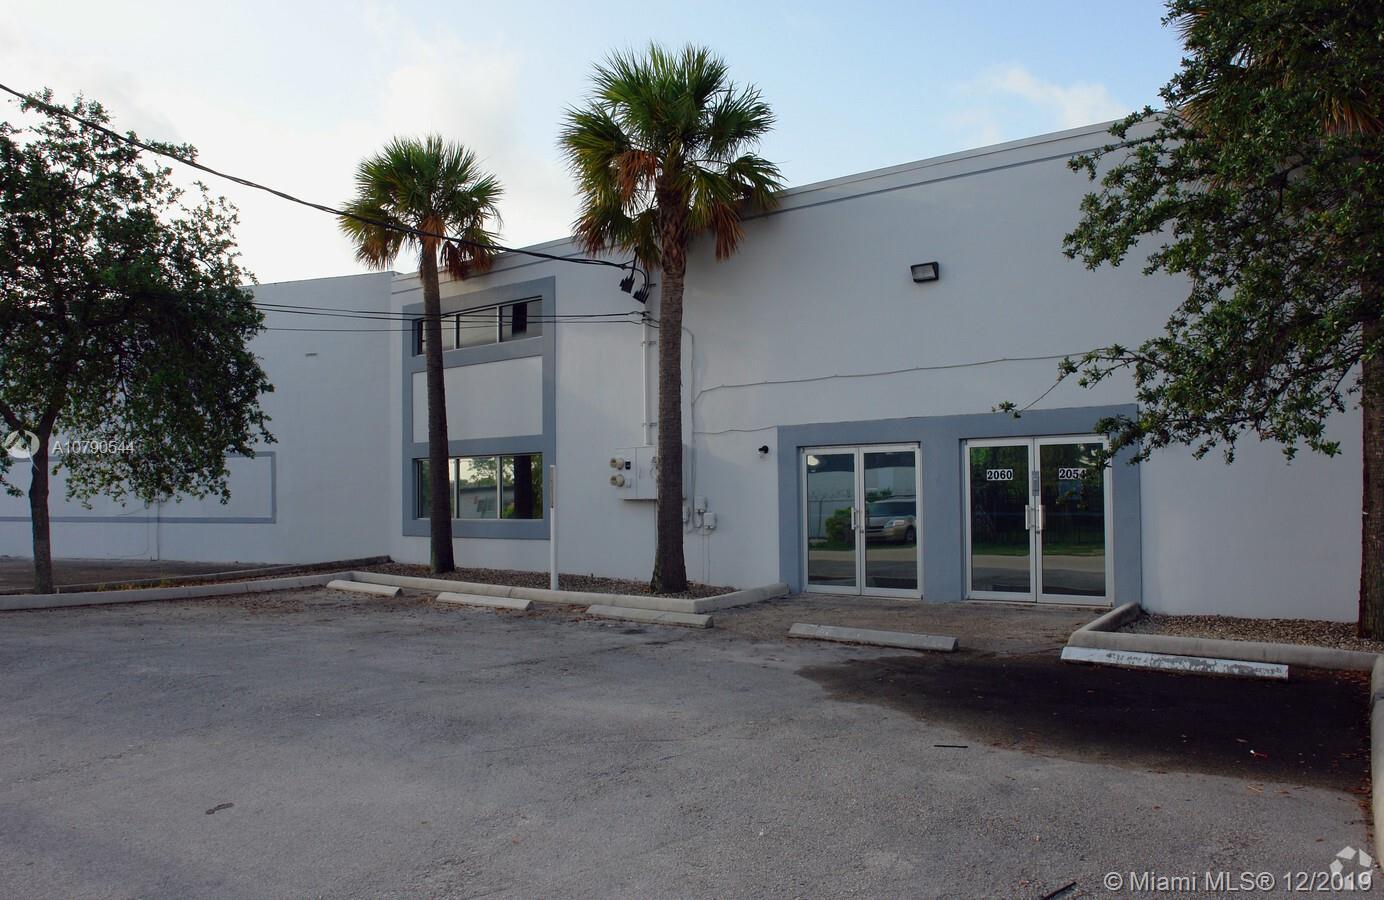 2054 NE 153rd St, North Miami Beach, FL 33162